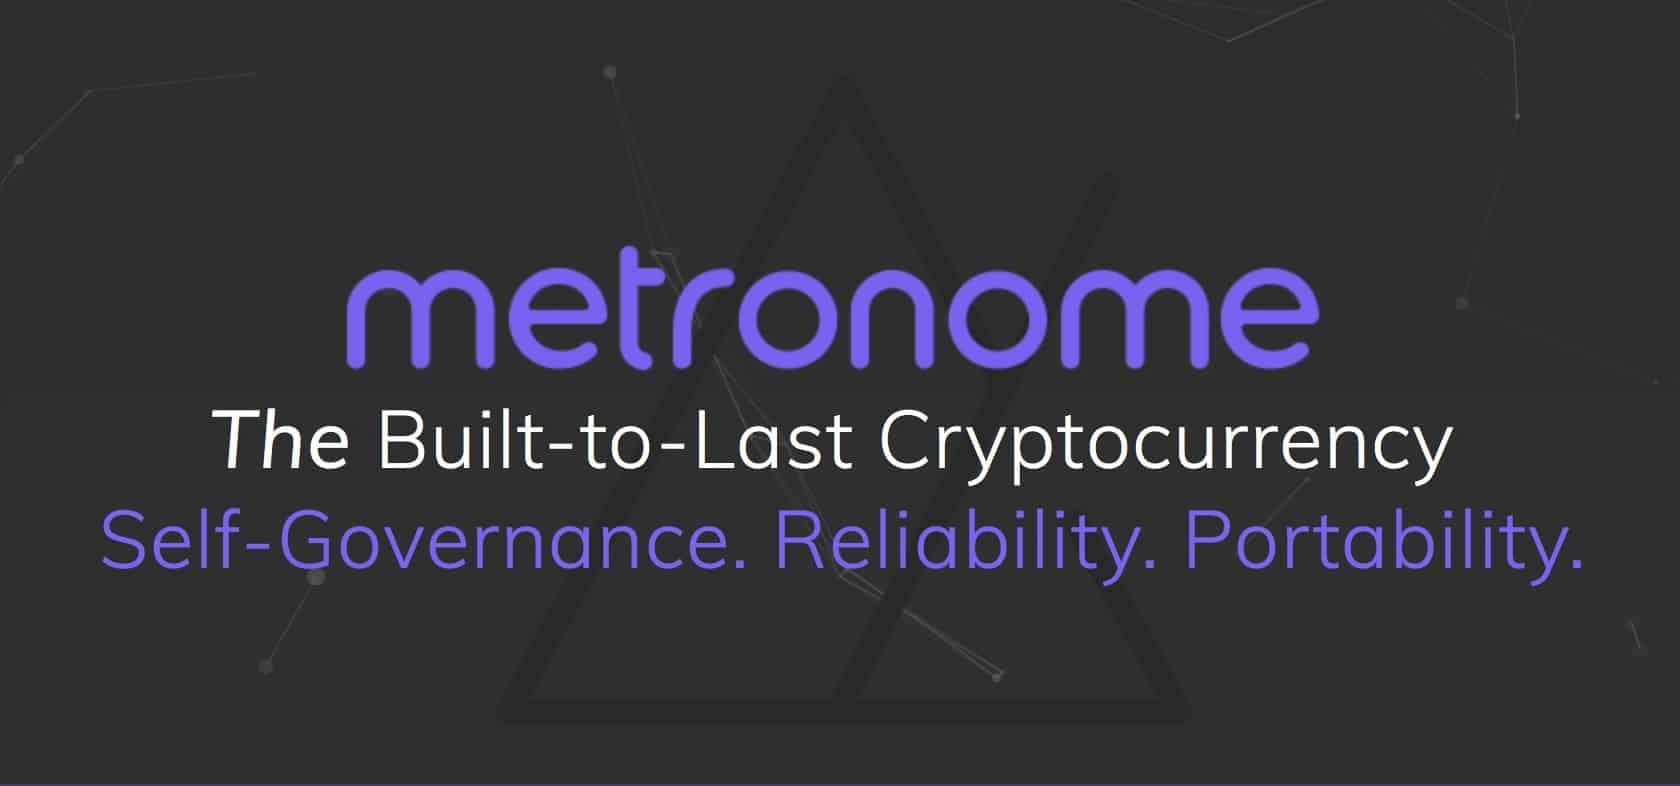 MetronomeLogo